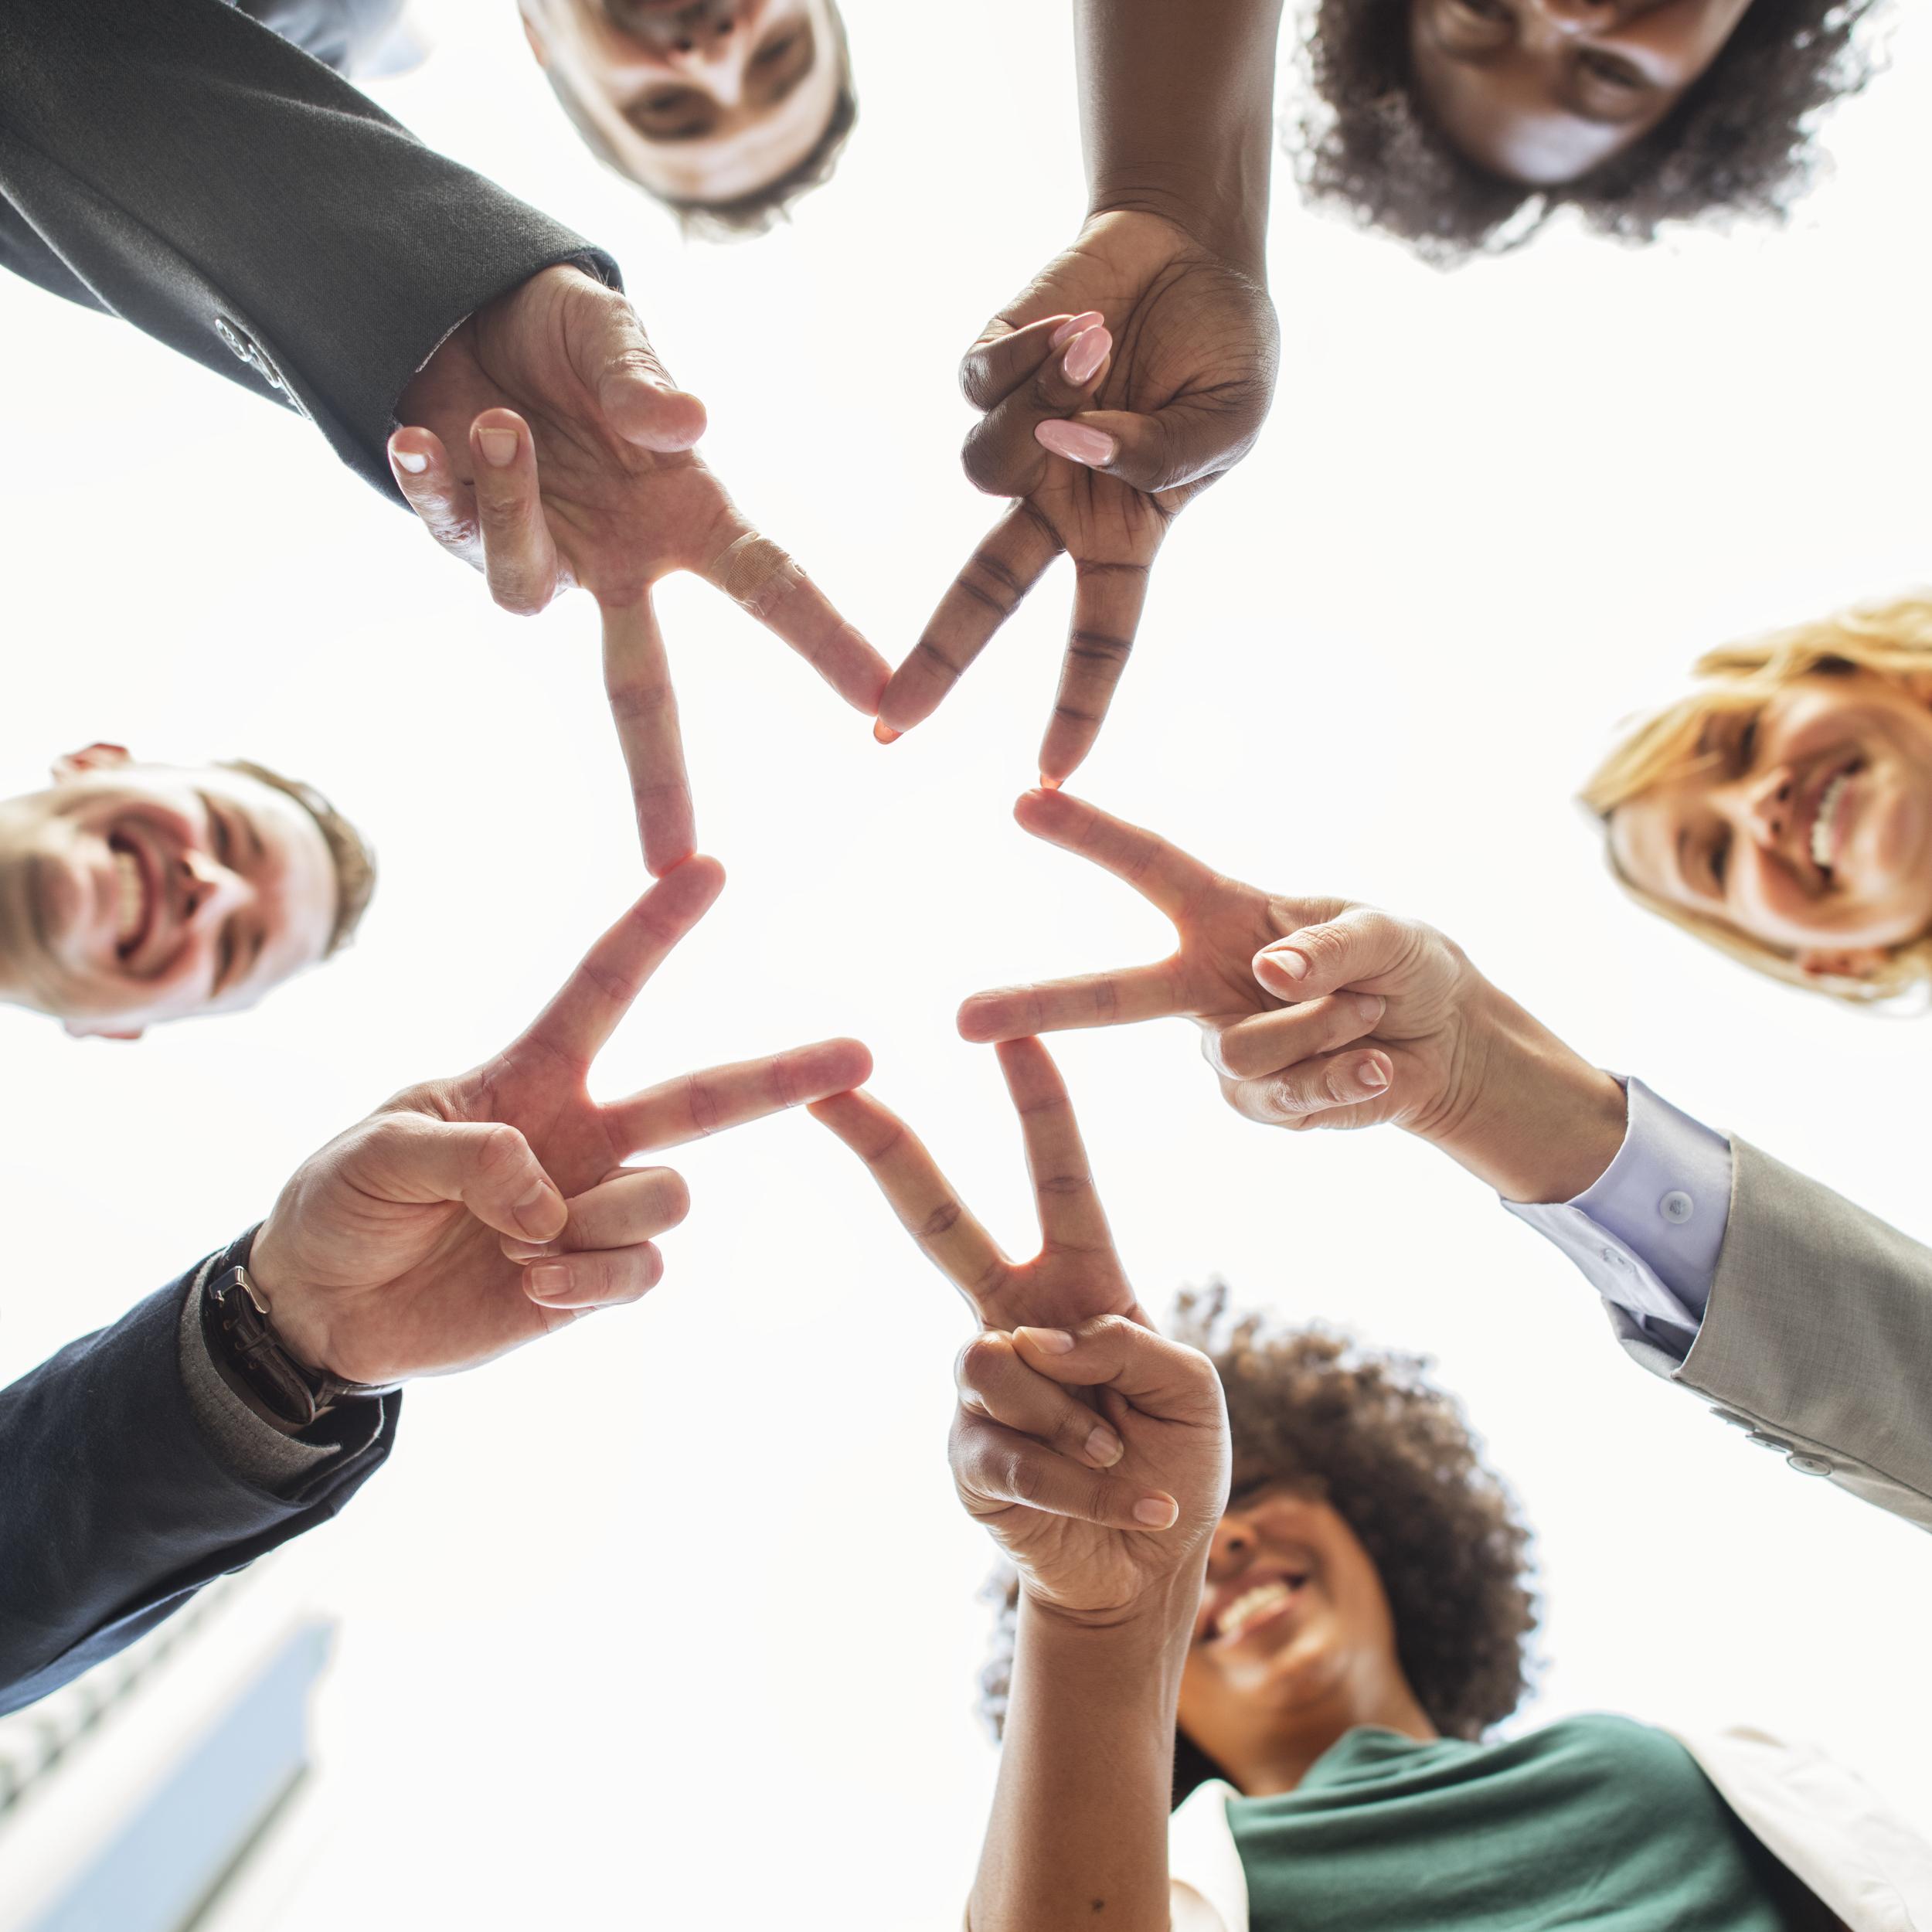 DÉBUTEZ L'EXPÉRIENCE - Qu'attendez-vous pour accroitre la performance de votre entreprise, pour baisser le taux d'absentéisme, pour fidéliser vos salariés et améliorer votre marque employeur?